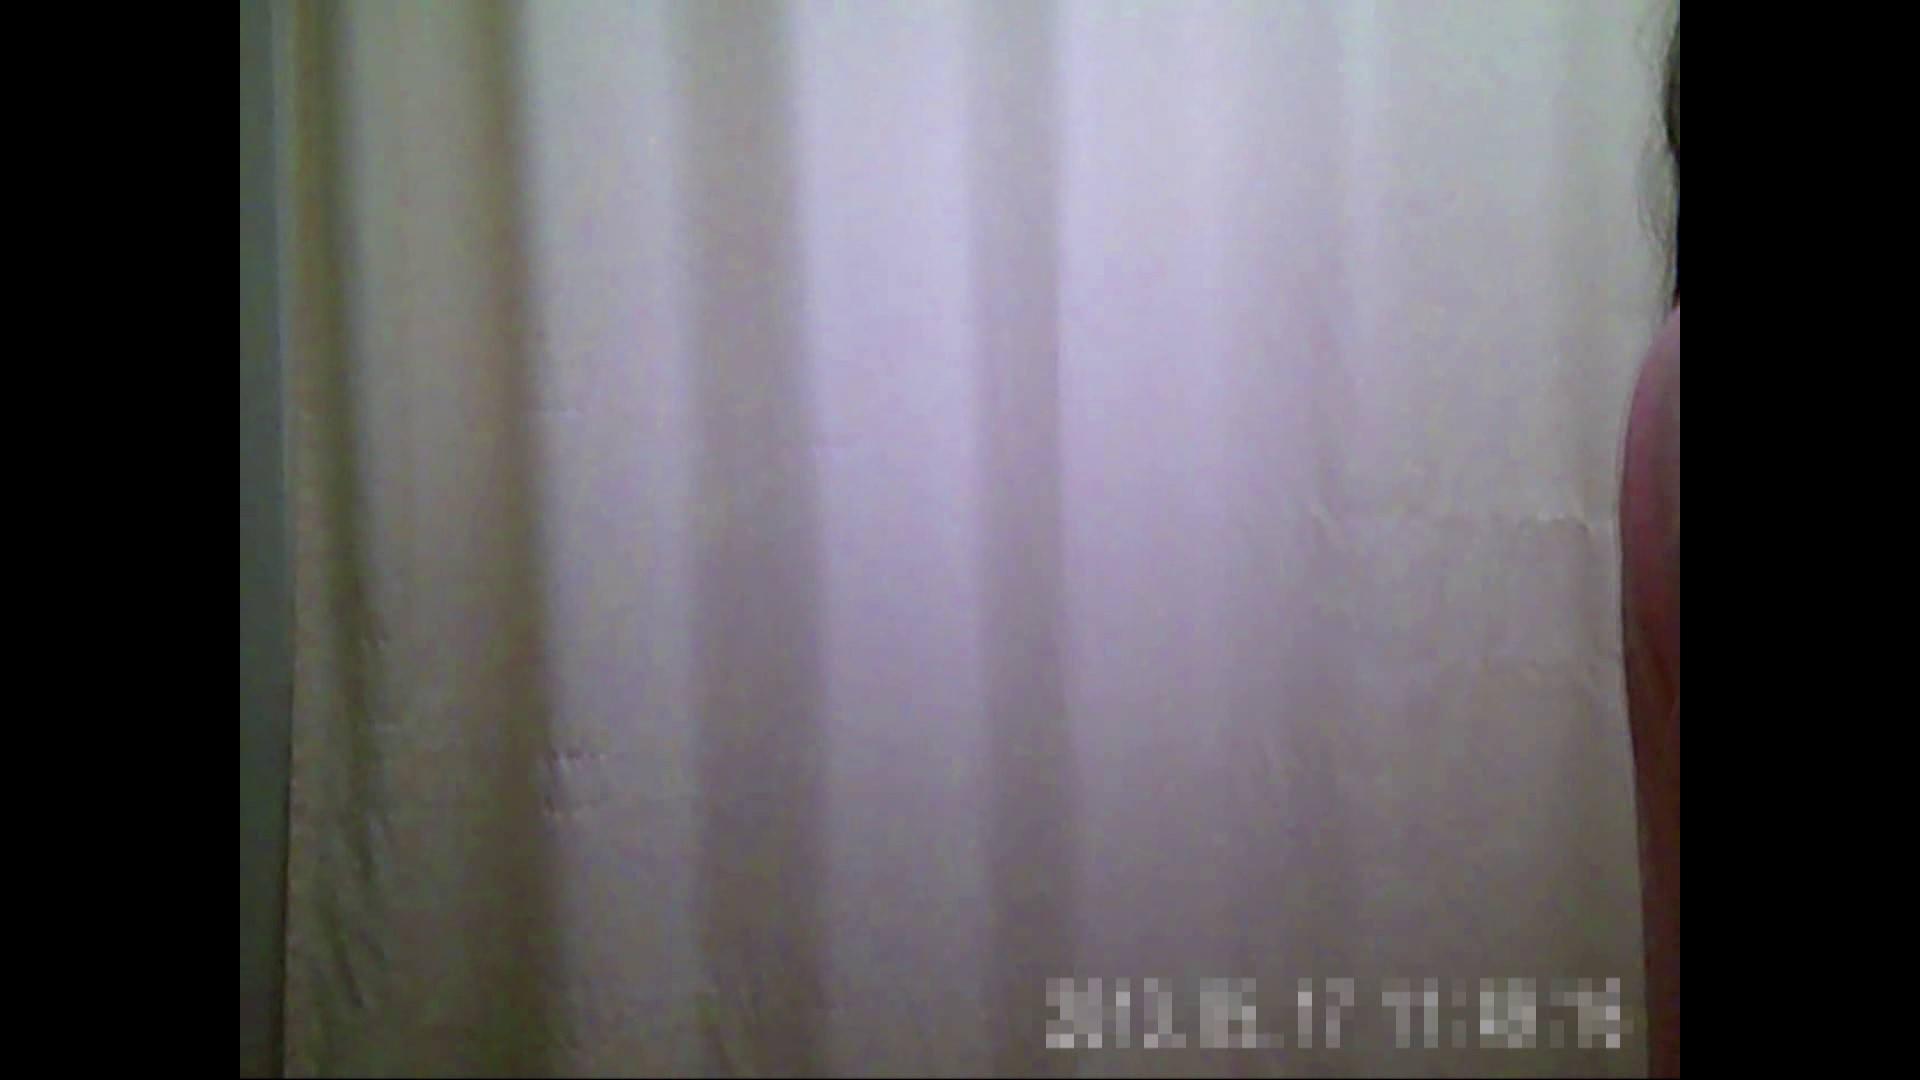 元医者による反抗 更衣室地獄絵巻 vol.272 OL | 0  44連発 21